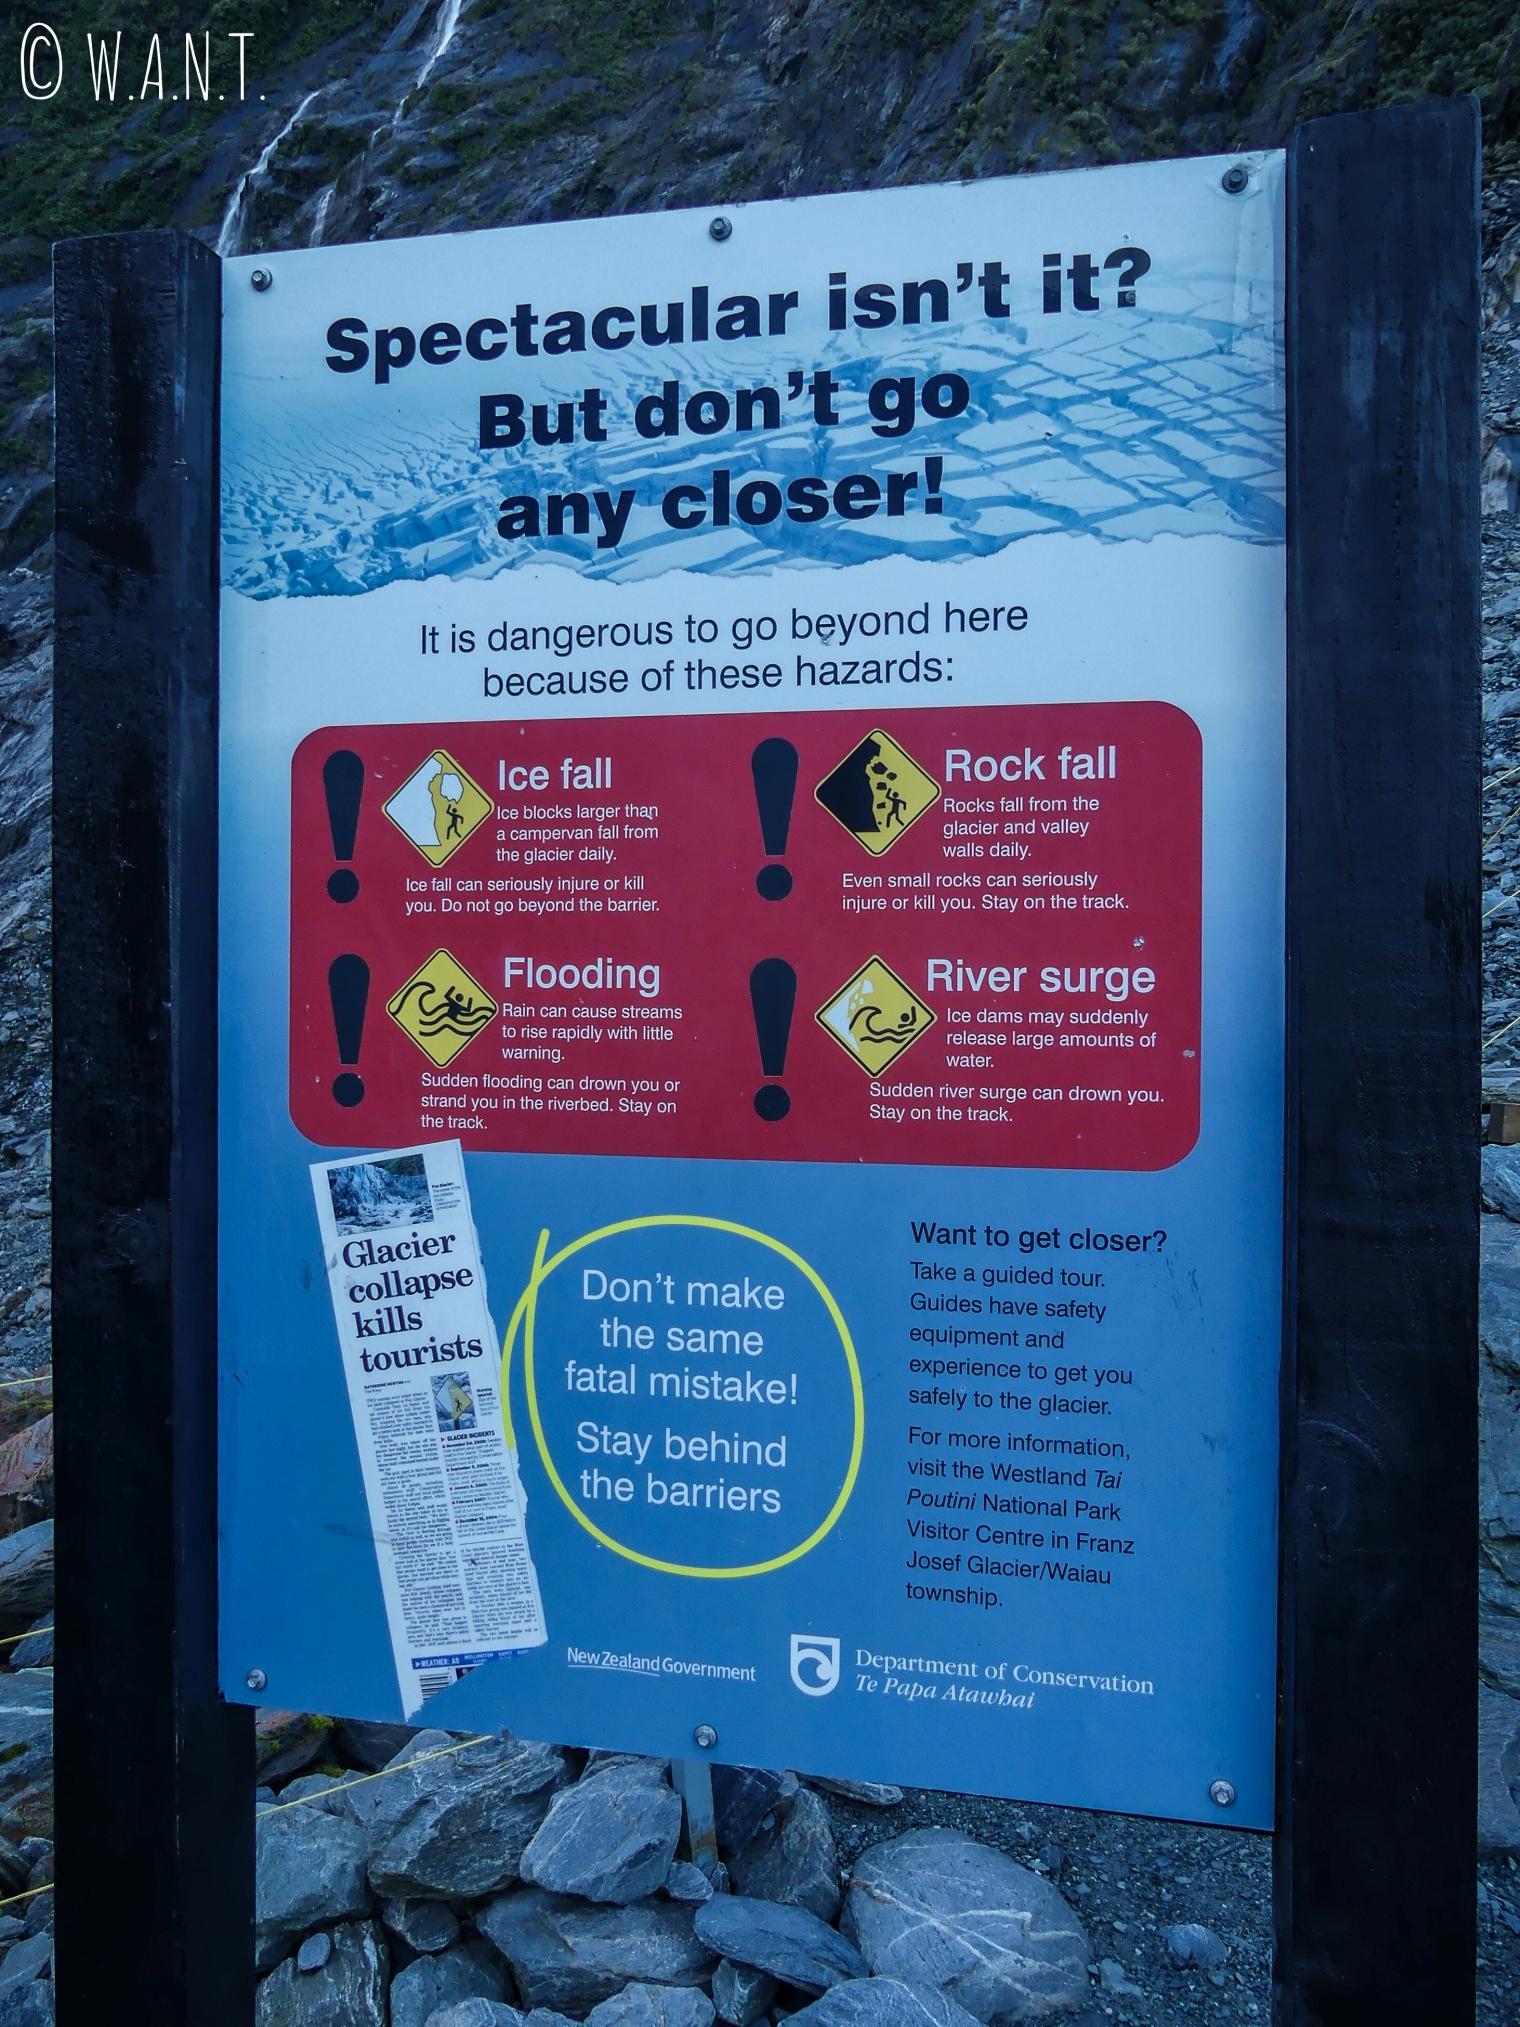 Il n'est pas nécessaire de s'approcher du Franz Joseph Glacier en Nouvelle-Zélande pour l'observer